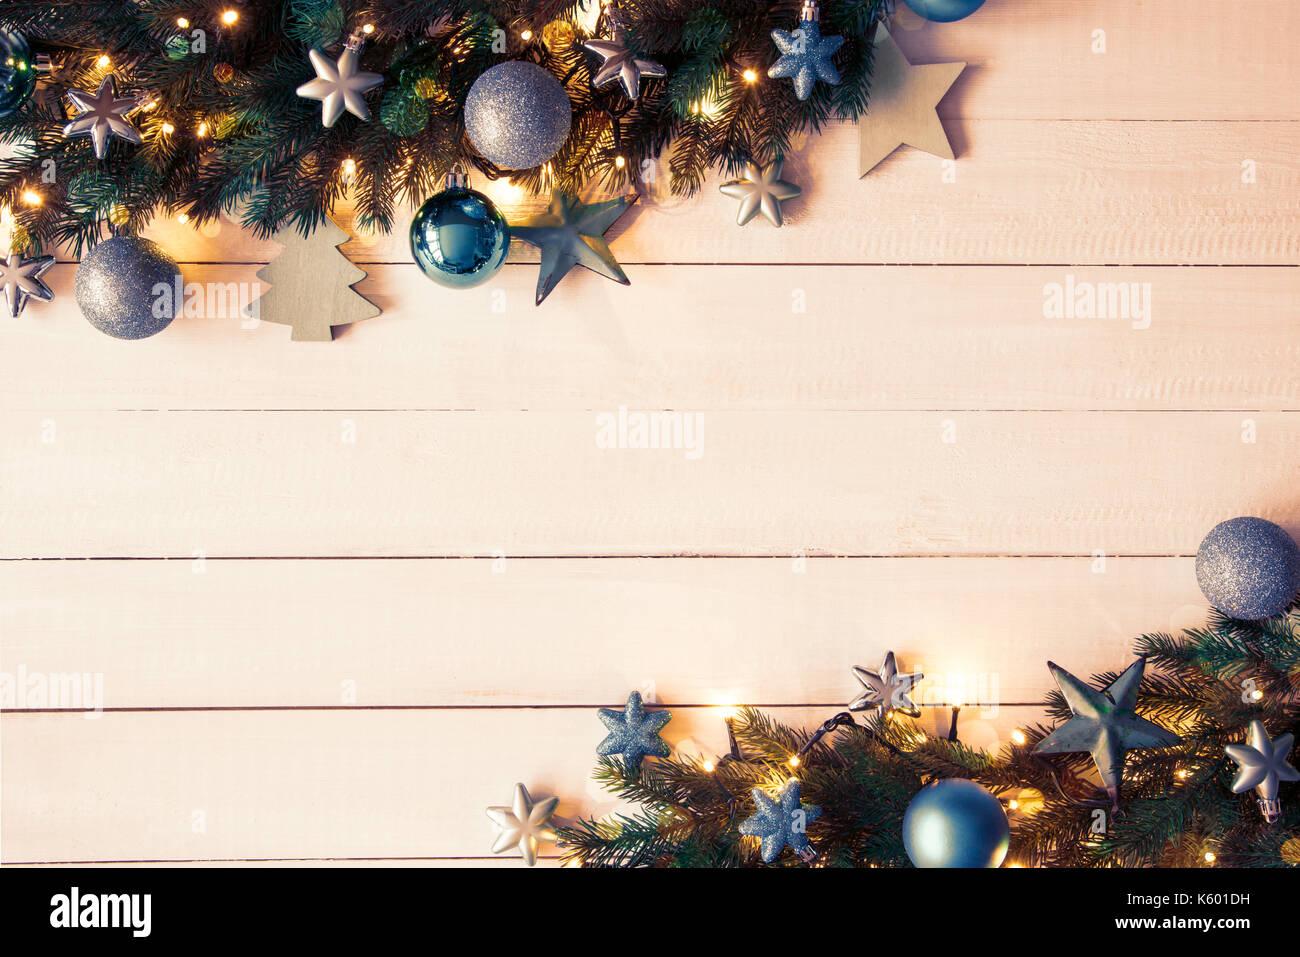 Türkis Weihnachten Banner, Rahmen, Tannenzweigen, Instagram Filter ...